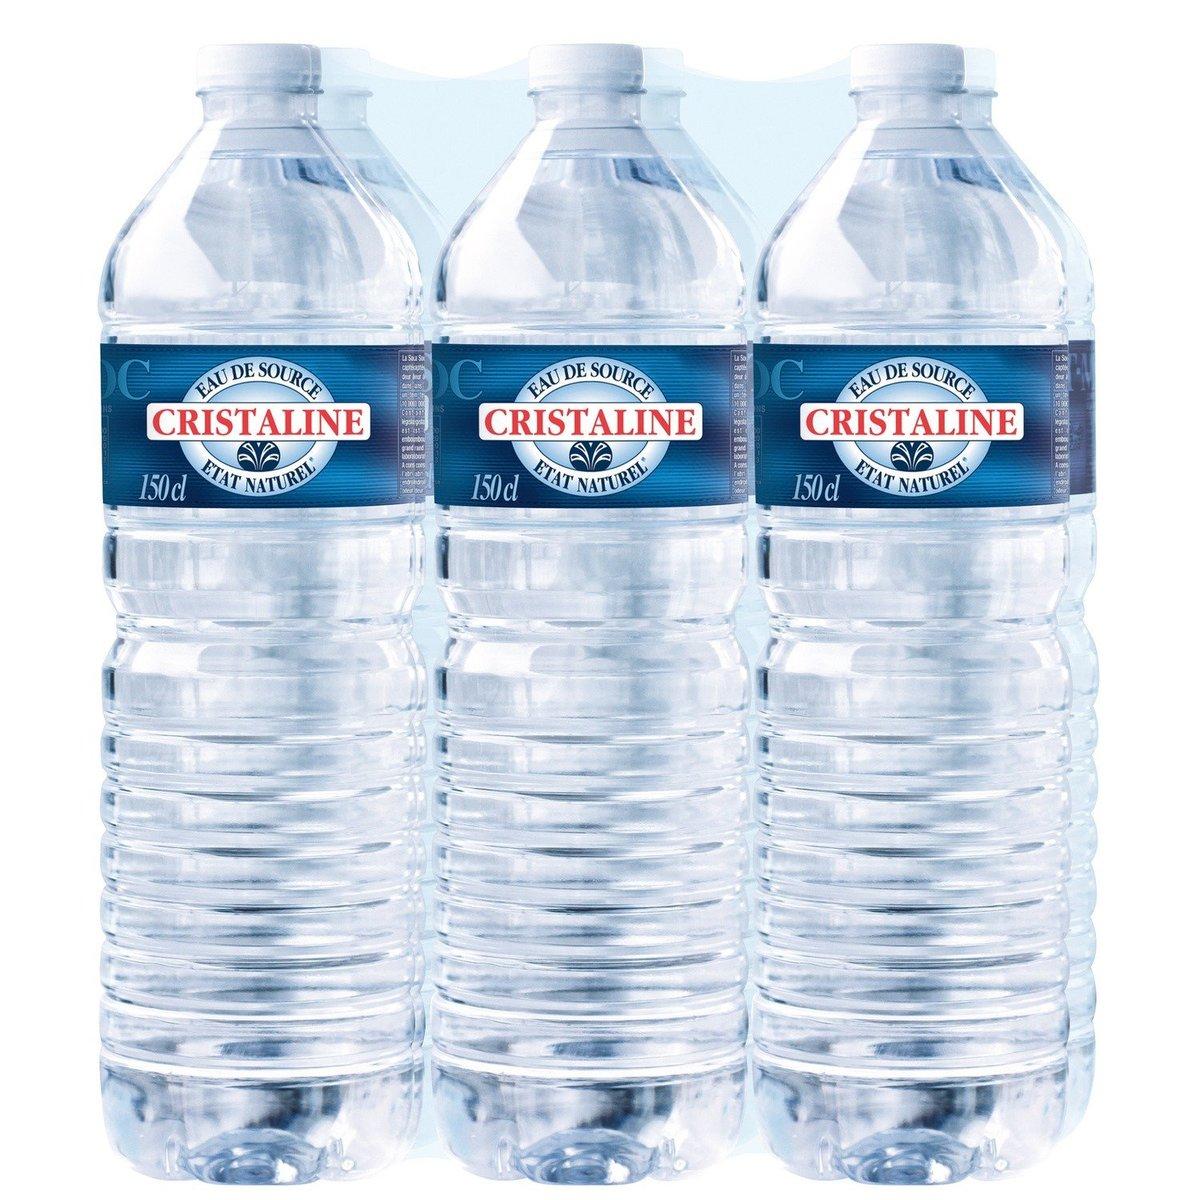 CRISTALINE - Still Water - 6x1.5L